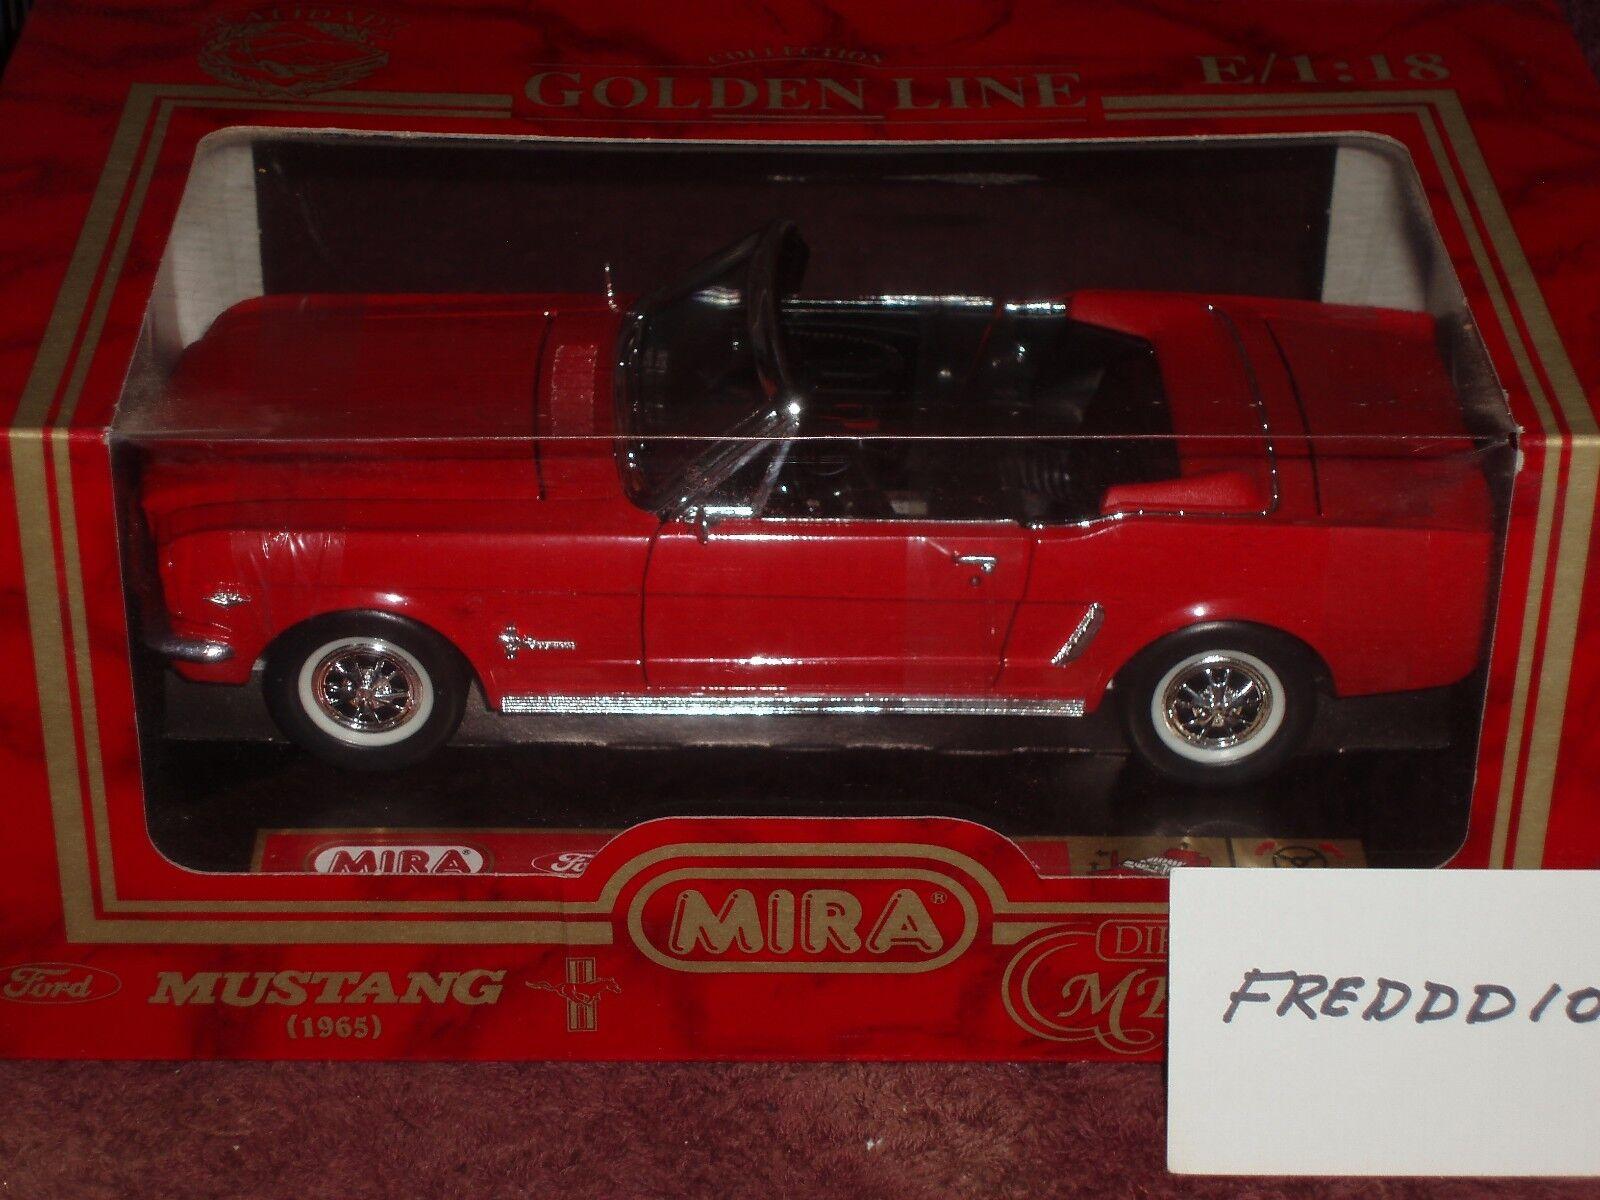 comprar ahora Mira Solido 1964 1 2 Ford Mustang Converdeible Rojo Rojo Rojo Negro 1 18  Entrega gratuita y rápida disponible.